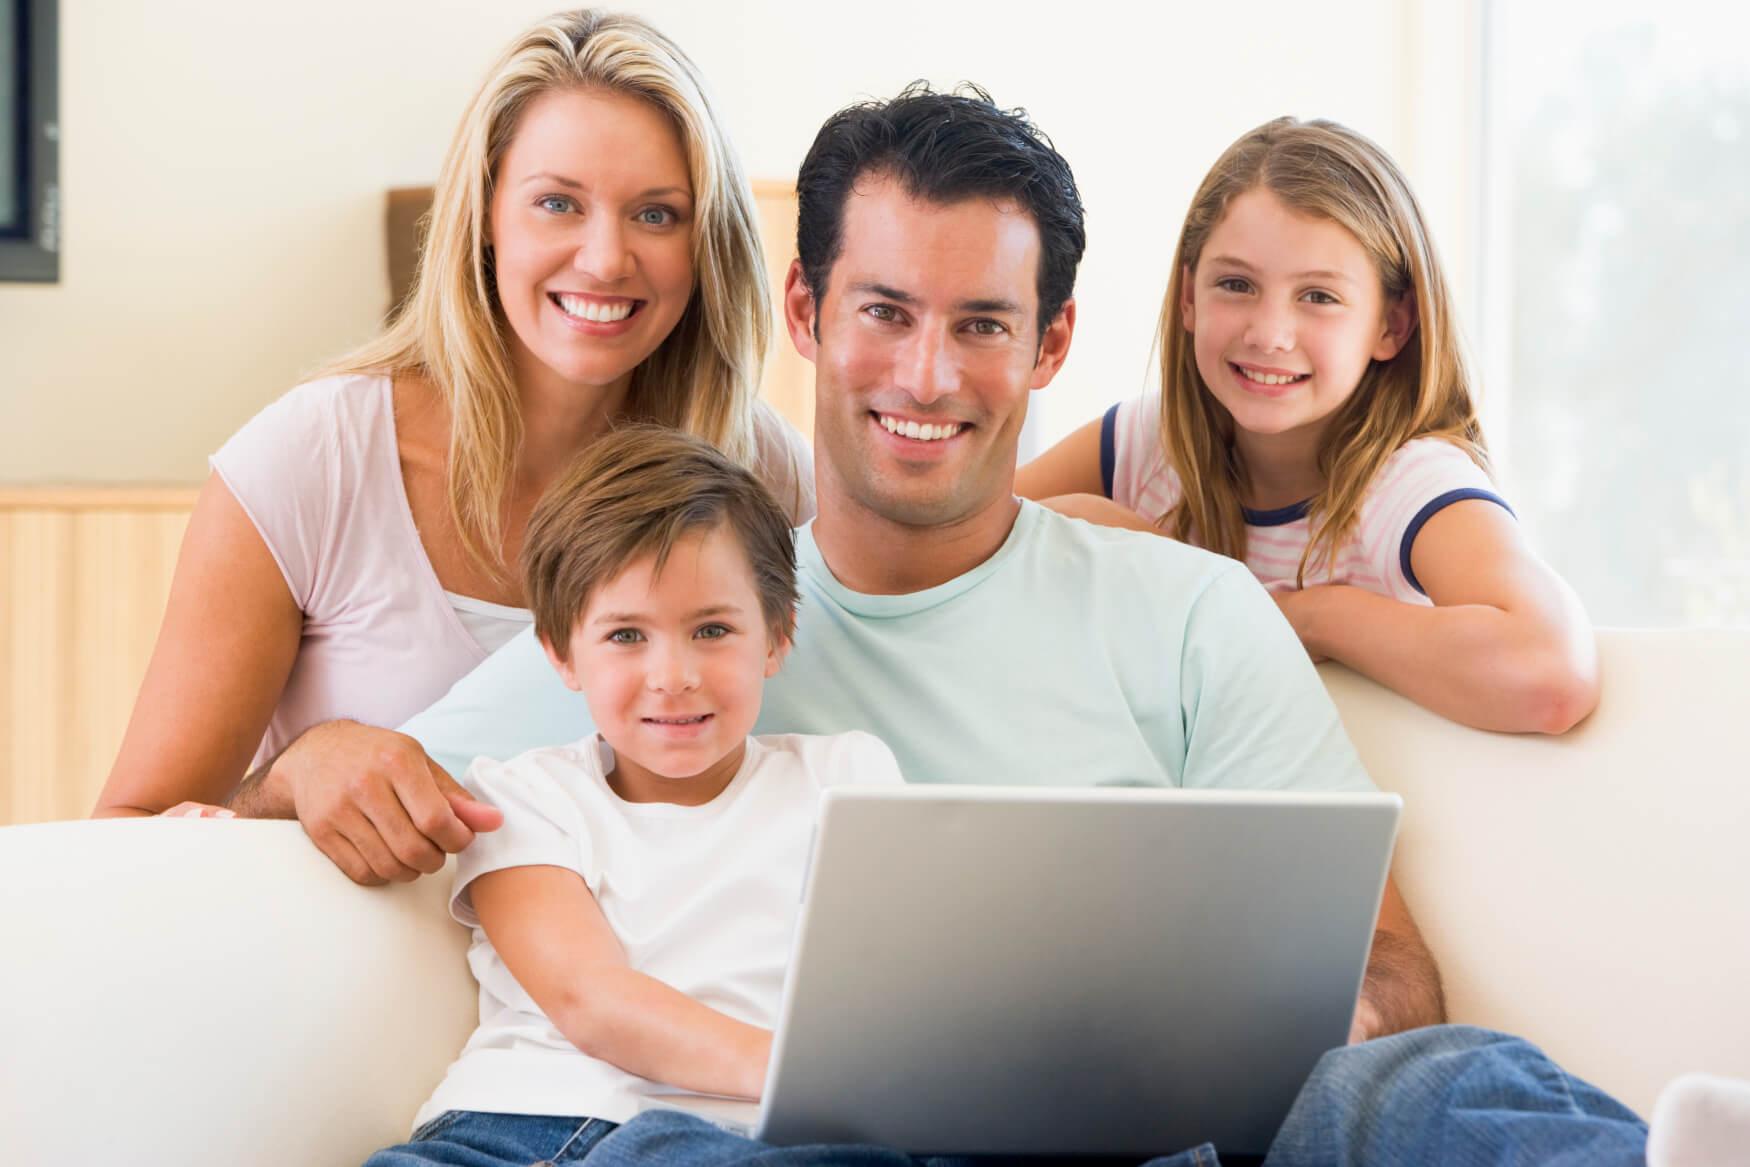 Familie-beim-relaxen